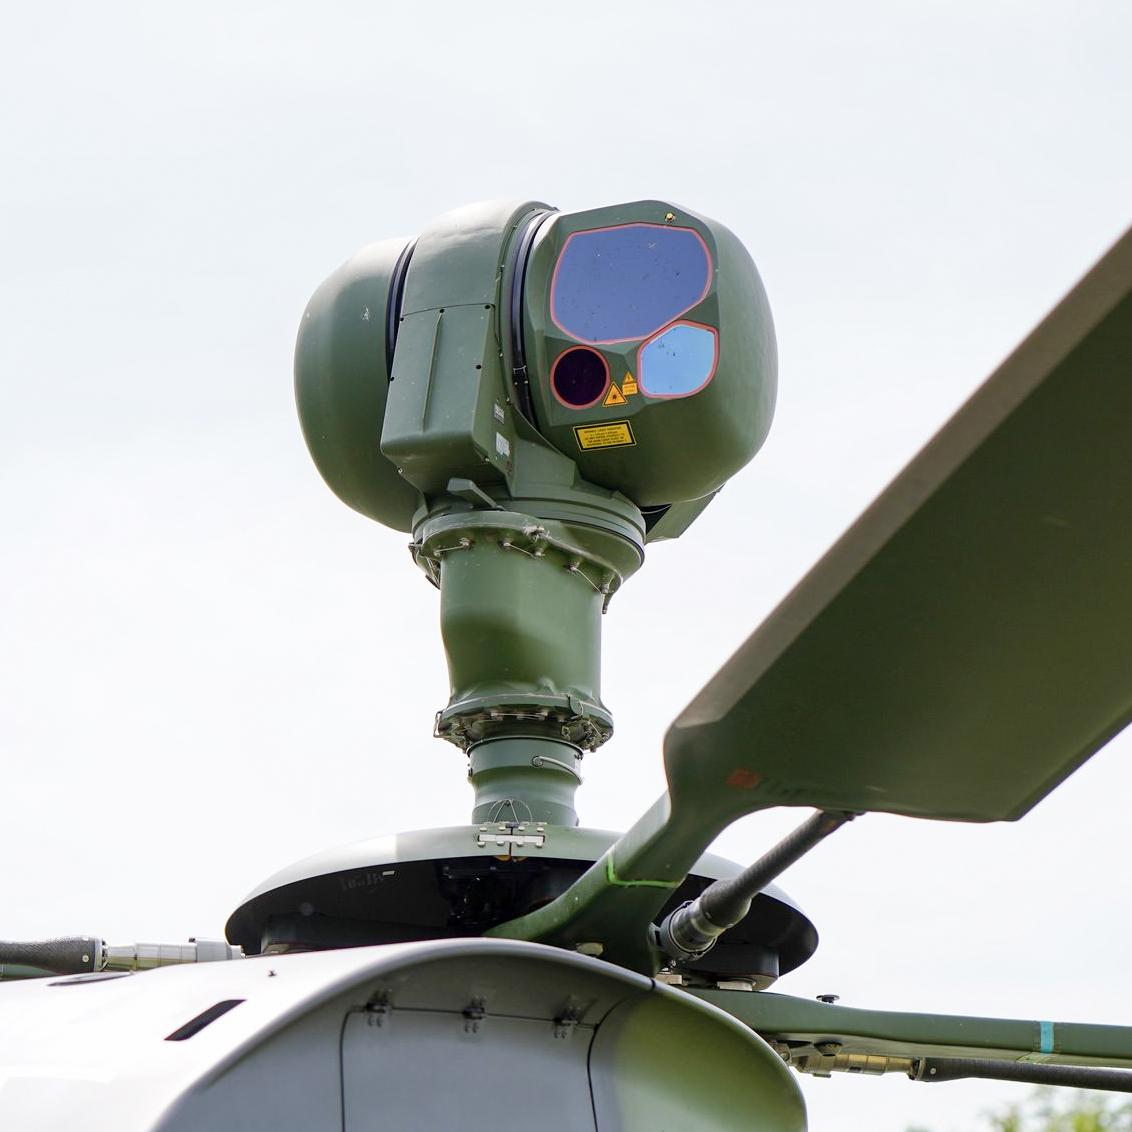 Tiger Hubschrauber am Boden Bundeswehr Fliegerhorst Erding